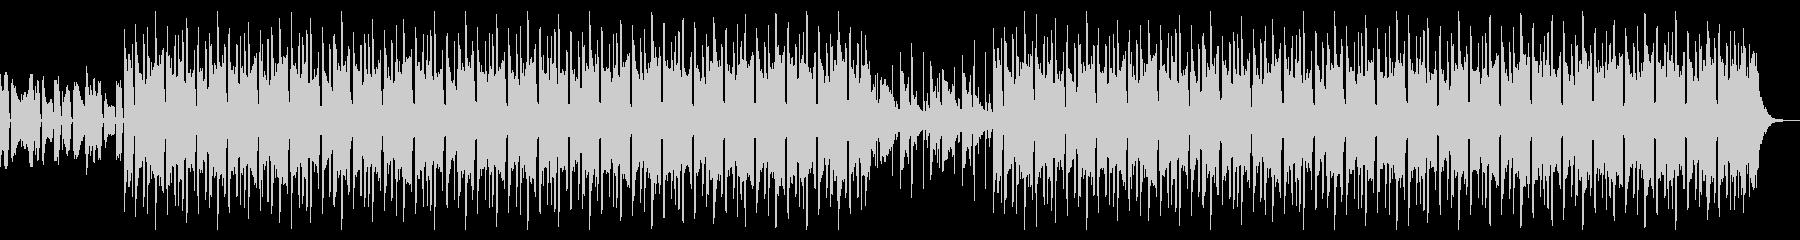 ローファイ チル アコギ ジャジーの未再生の波形